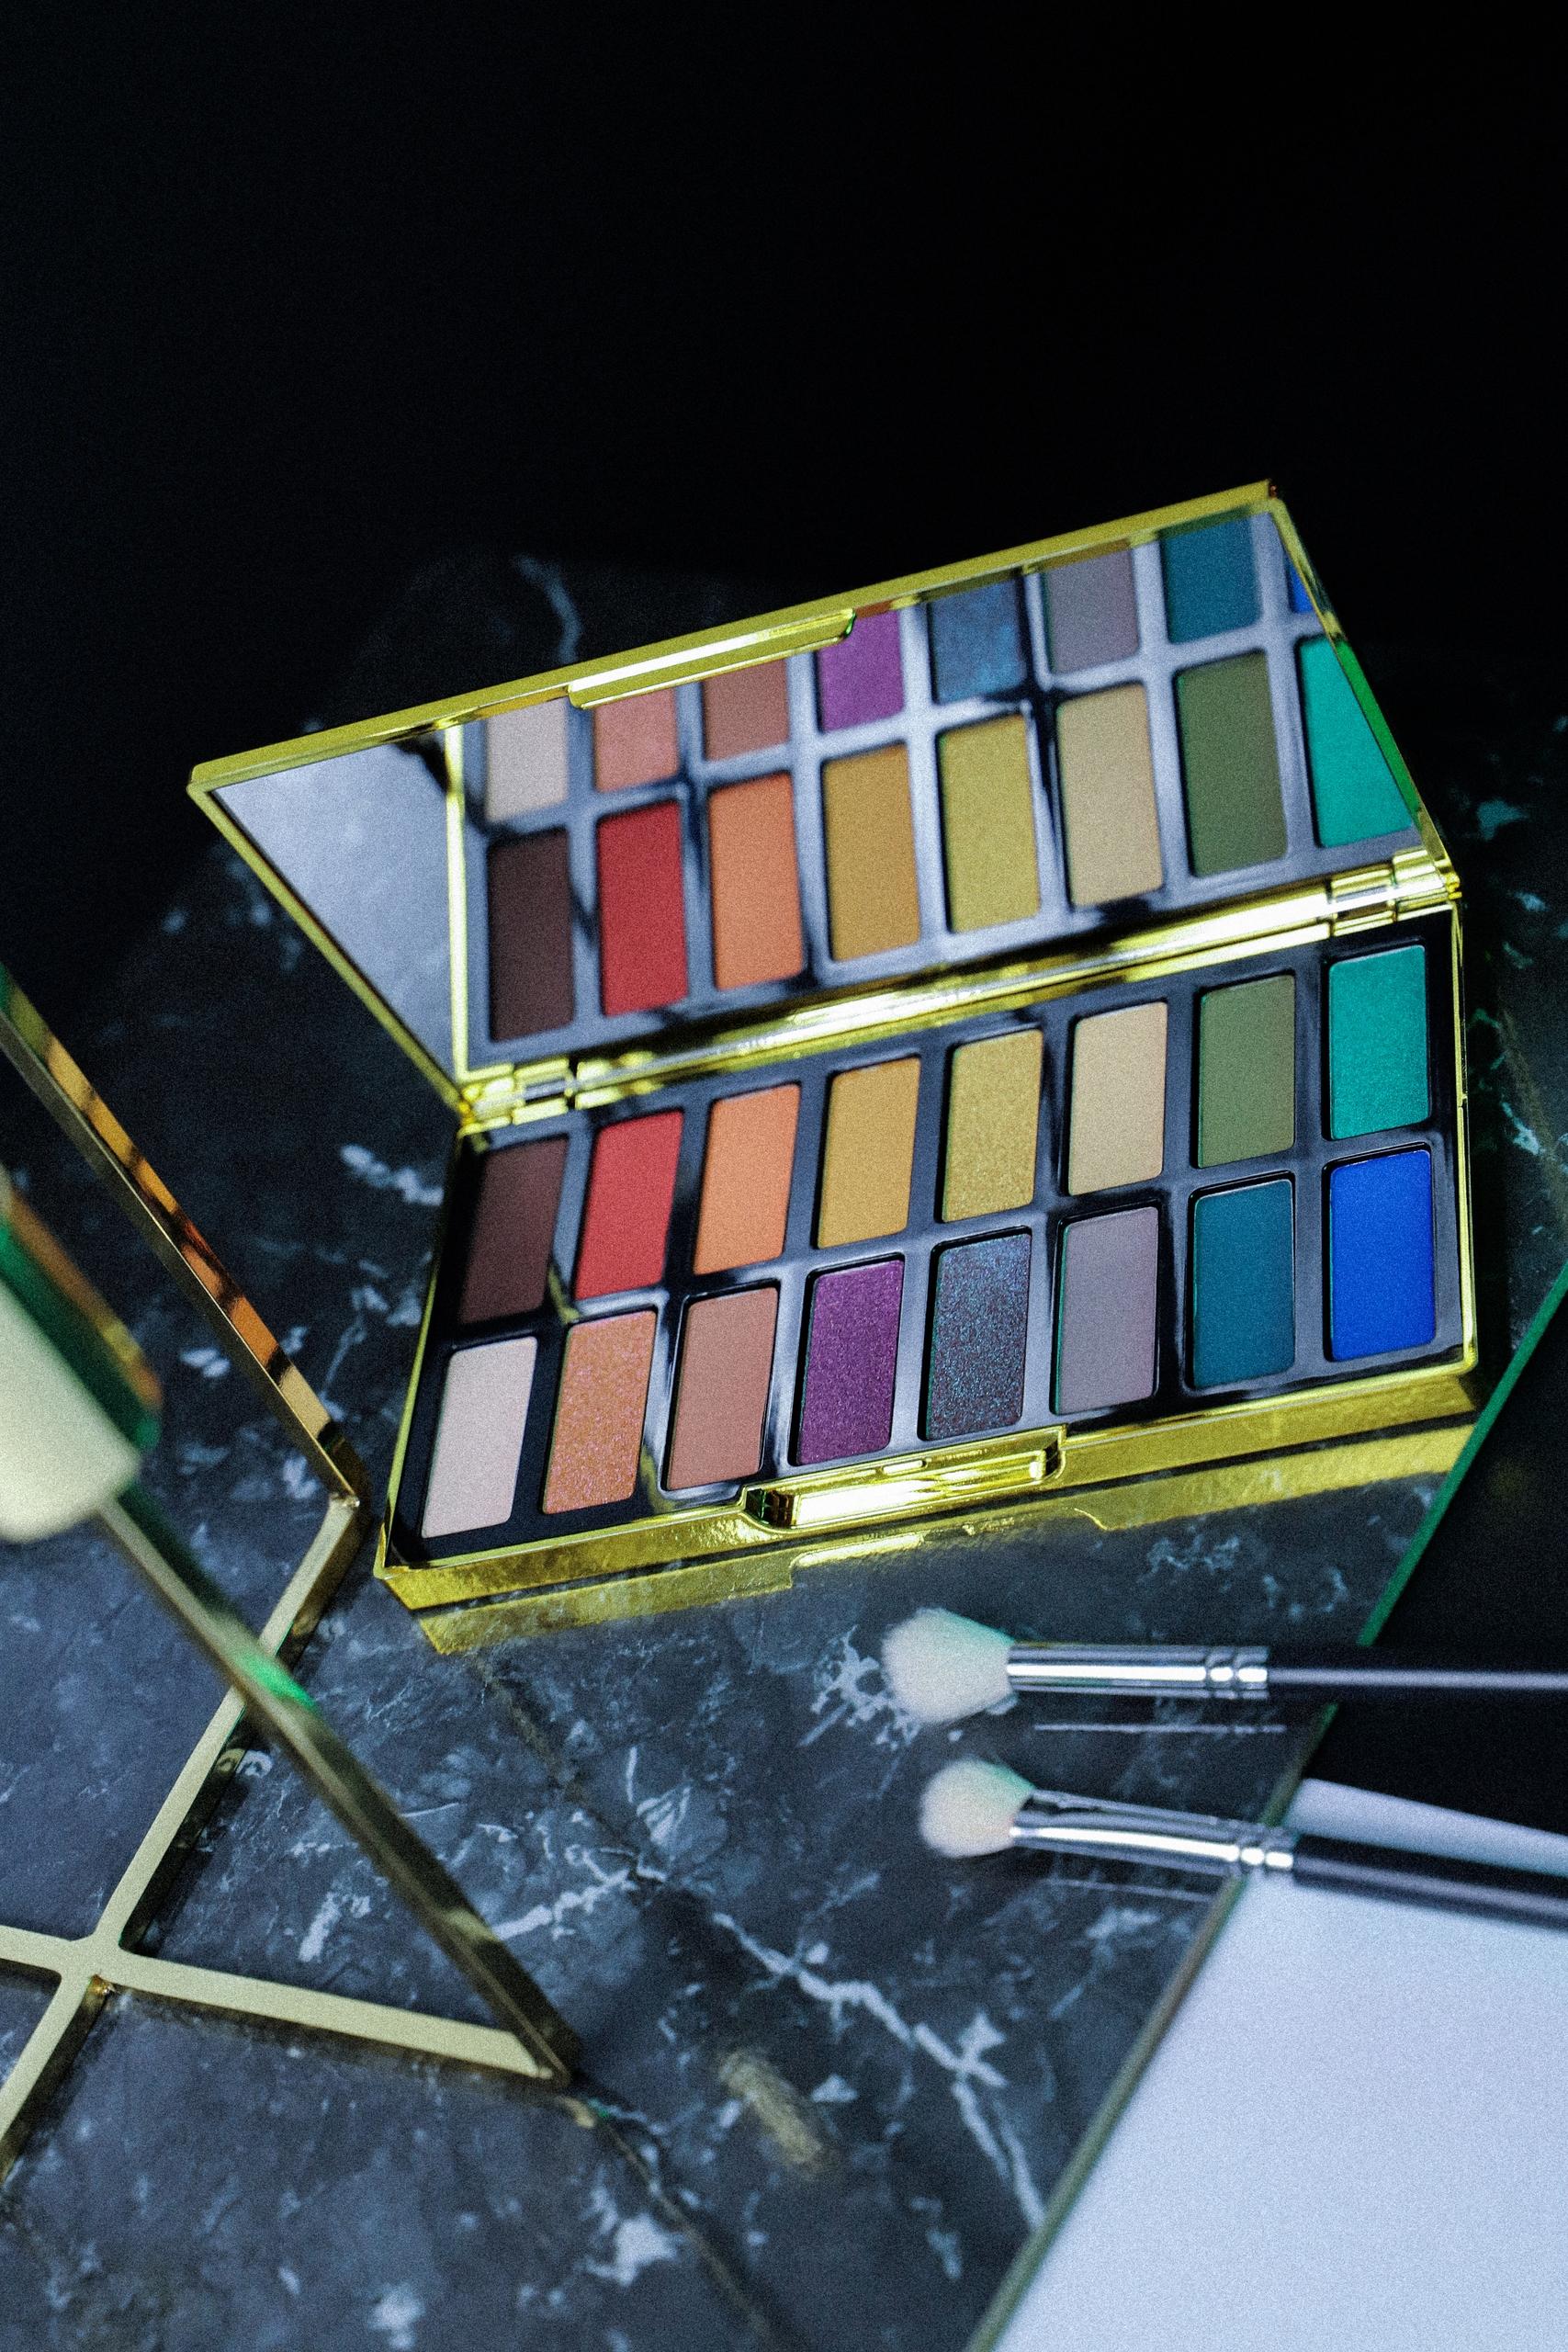 Zdjęcie przedstawia paletę cieni do malowania oczu, całość zdjęcia w ciemnej kolorystyce.